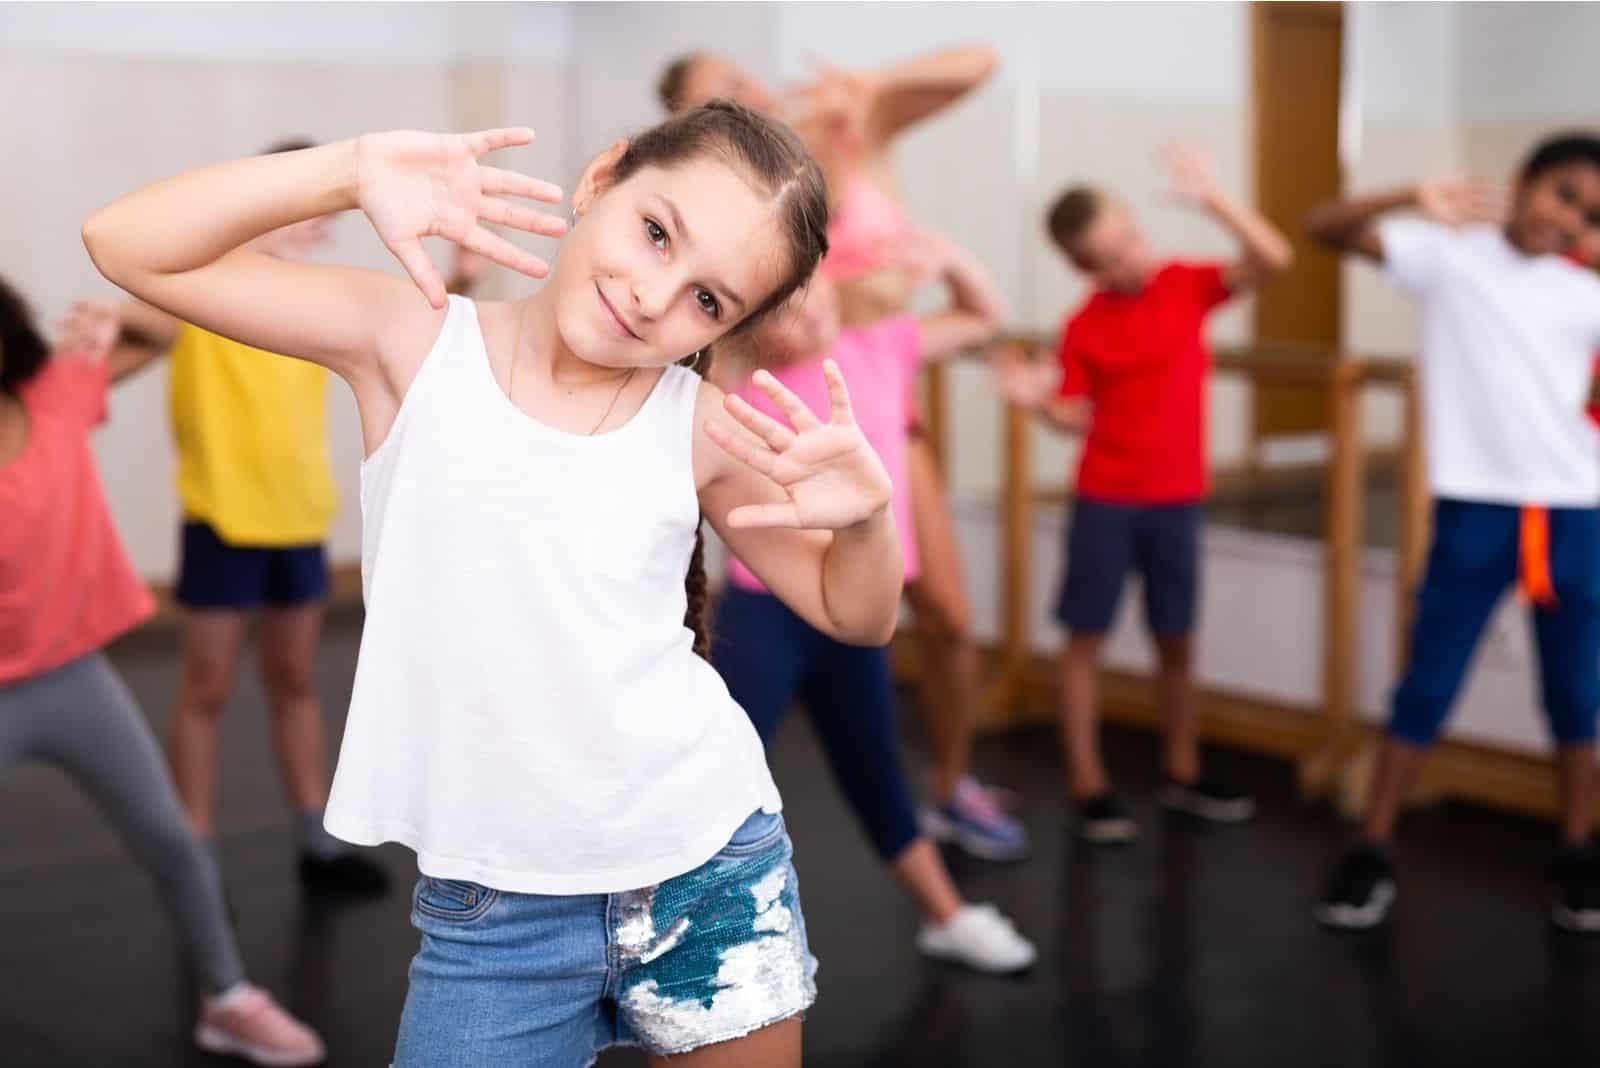 sportliches 10-jähriges Mädchen Übungsbewegungen von kräftigem Tanz während des Gruppenunterrichts in der Tanzschule